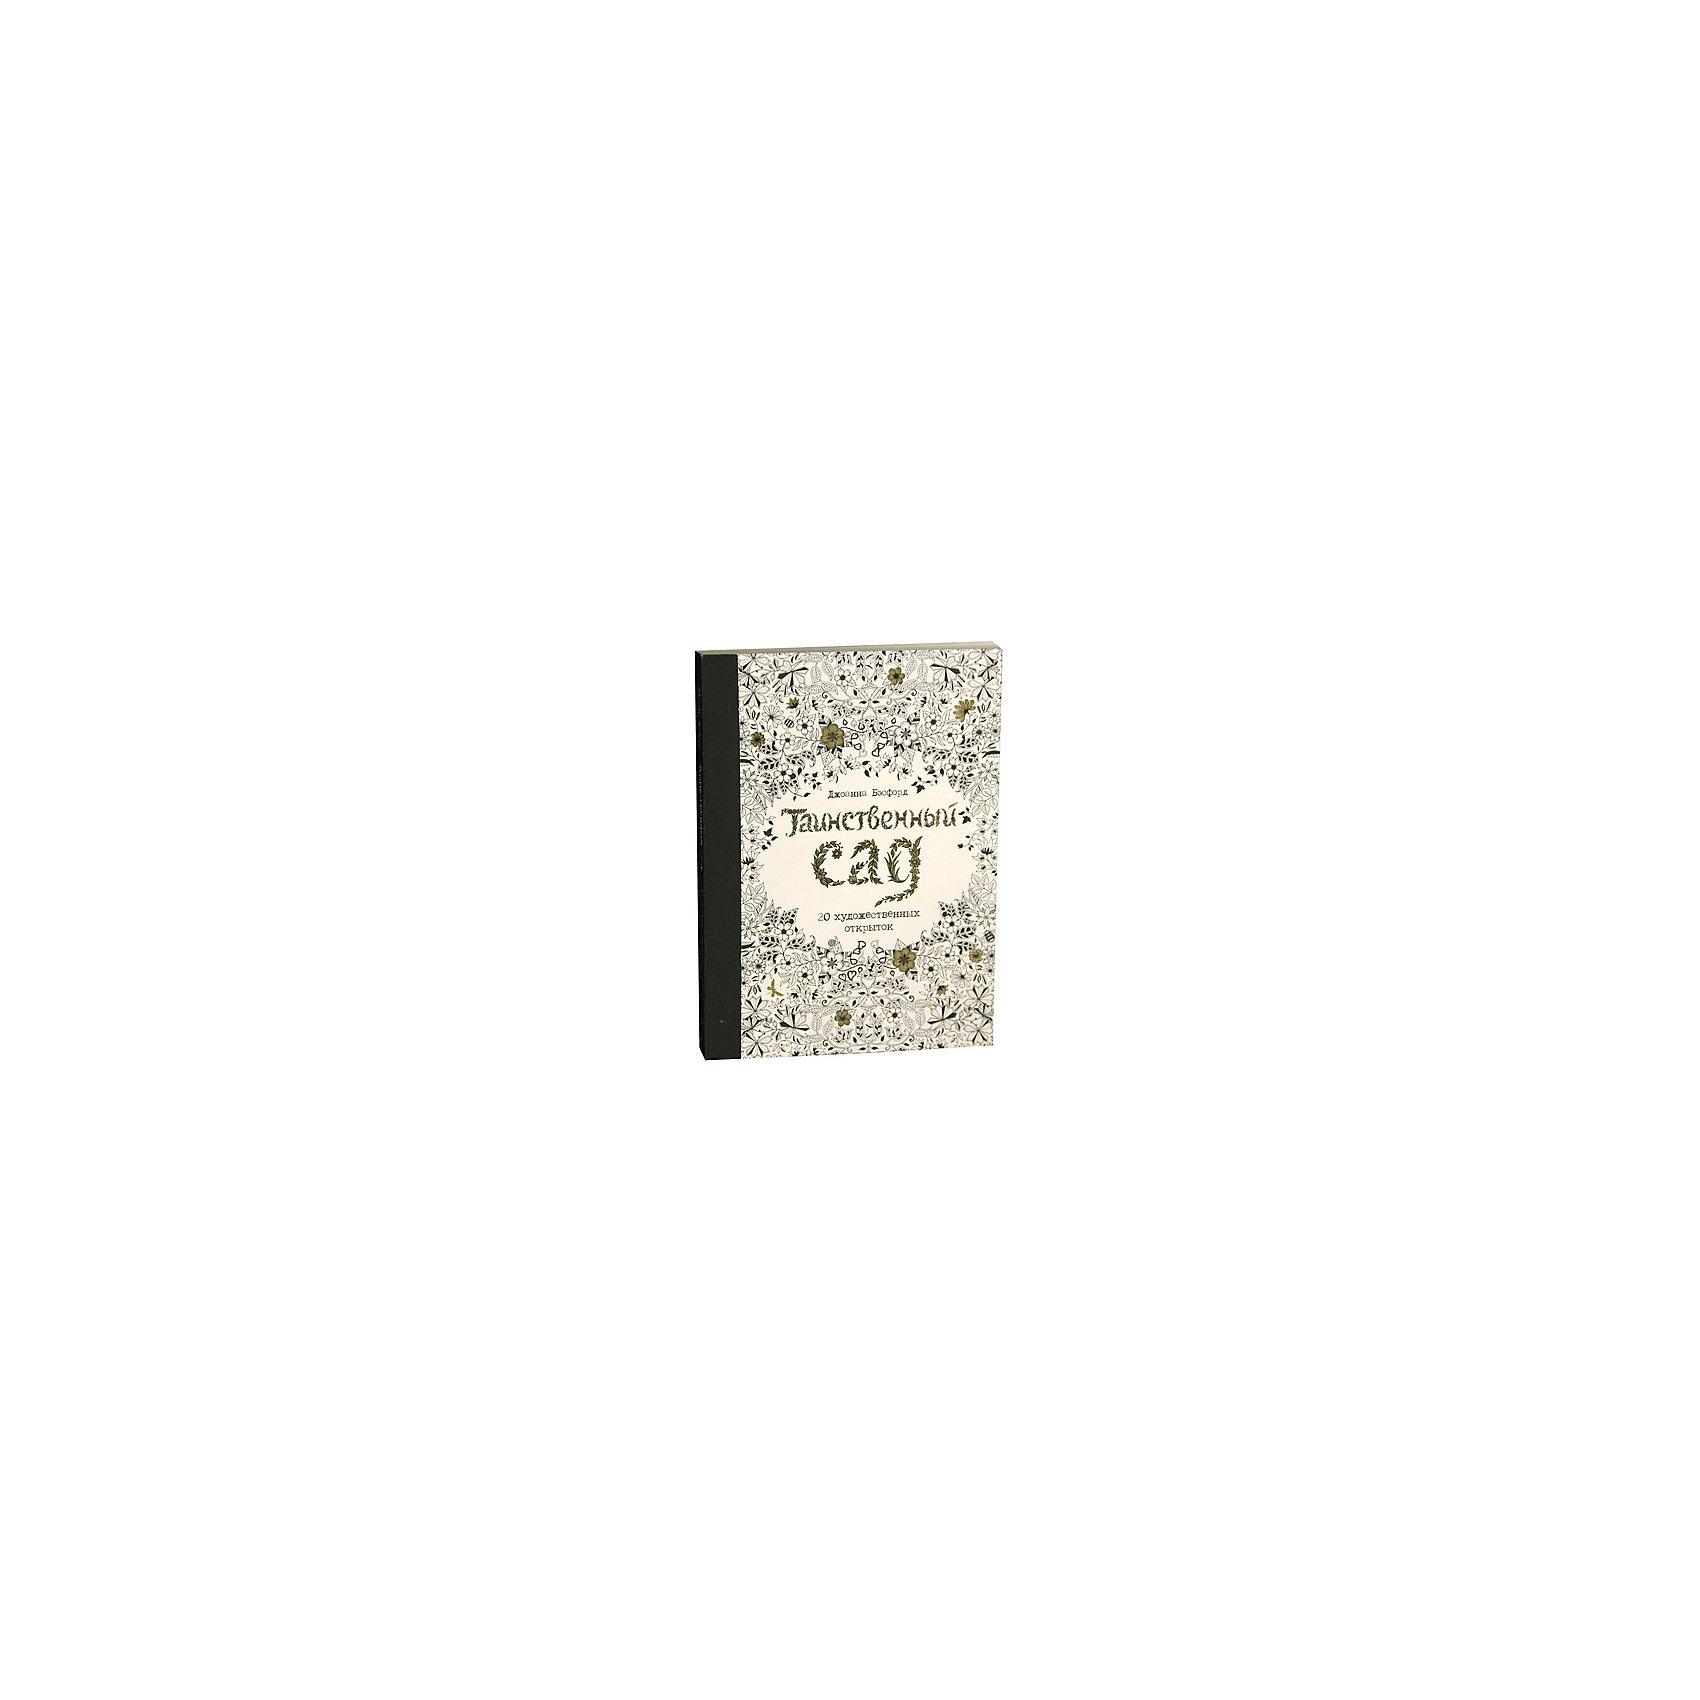 Раскраска-антистресс Таинственный сад, MACHAONРаскраски по номерам<br>Открытки Таинственный сад.<br><br>Характеристики:<br><br>• Автор: Бэсфорд Джоанна<br>• Художник: Бэсфорд Джоанна<br>• Редактор: Фесенко О. Г.<br>• Издательство: КоЛибри<br>• Тип обложки: мягкий переплет (крепление скрепкой или клеем)<br>• Оформление: тиснение золотом<br>• Иллюстрации: черно-белые<br>• Количество страниц: 40 (картон)<br>• 20 художественных открыток<br>• Размер: 165x120х11 мм.<br>• Вес: 172 гр.<br>• ISBN: 9785389106284<br><br>Раскраски для взрослых завоевали мир! Волшебное, вдохновляющее путешествие от дневных забот в мир творчества. Работы Джоанны Бэсфорд случайно нашла редактор английского издательства LAURENCE KING и обратила внимания на восторженные отзывы в блоге художницы. Так родилась идея создания оригинальной раскраски для взрослых. Выпустив книгу и поверив в успех, издатель не ошибся. За несколько месяцев «Таинственный сад» был продан тиражом более 1 000 000 экз. Настоящим открытием и синонимом успеха стал новый тренд, который определил и новый вид книжной продукции – раскраски для взрослых. Вместе с популярным увлечением, который не случайно называют арт-терапия, мир получил и королеву этого направления – Джоанну Бэсфорд. Добро пожаловать в Таинственный сад! Эти изящные ажурные картинки созданы с помощью пера. Вдохни в них жизнь, сделай многоцветными, оживи красками. Это утешение души и удивительная возможность изысканного и стильного творчества. Таинственный сад ждет своего создателя!<br><br>Книгу Открытки Таинственный сад можно купить в нашем интернет-магазине.<br><br>Ширина мм: 165<br>Глубина мм: 120<br>Высота мм: 110<br>Вес г: 172<br>Возраст от месяцев: 144<br>Возраст до месяцев: 2147483647<br>Пол: Унисекс<br>Возраст: Детский<br>SKU: 5493532